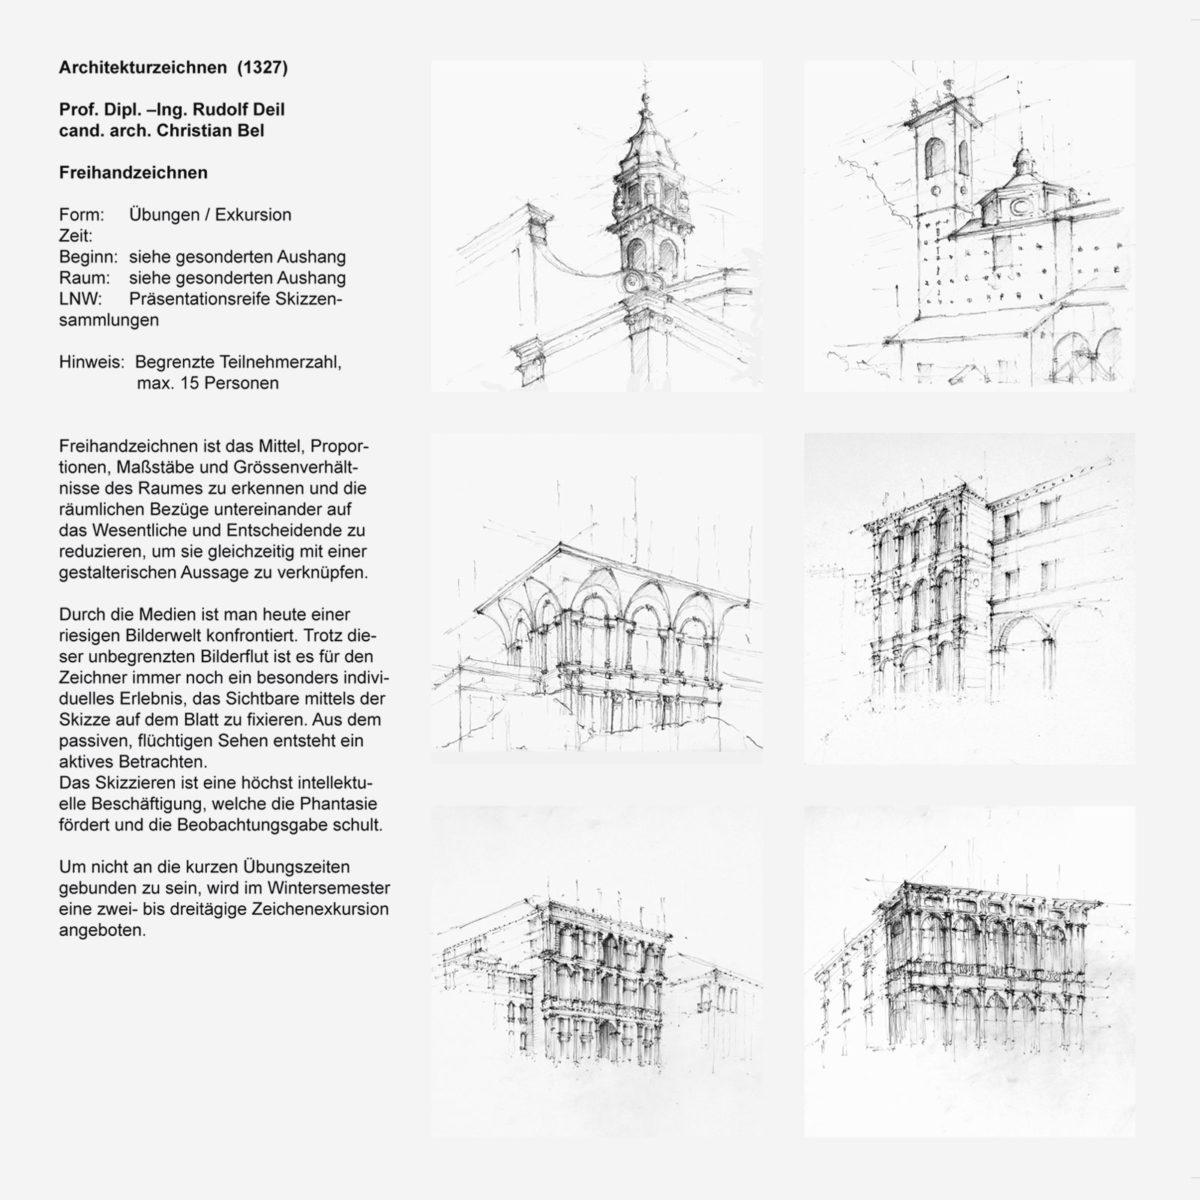 broschuere-grundlagen-der-gestaltung-rudolf-deil-hsrm-05